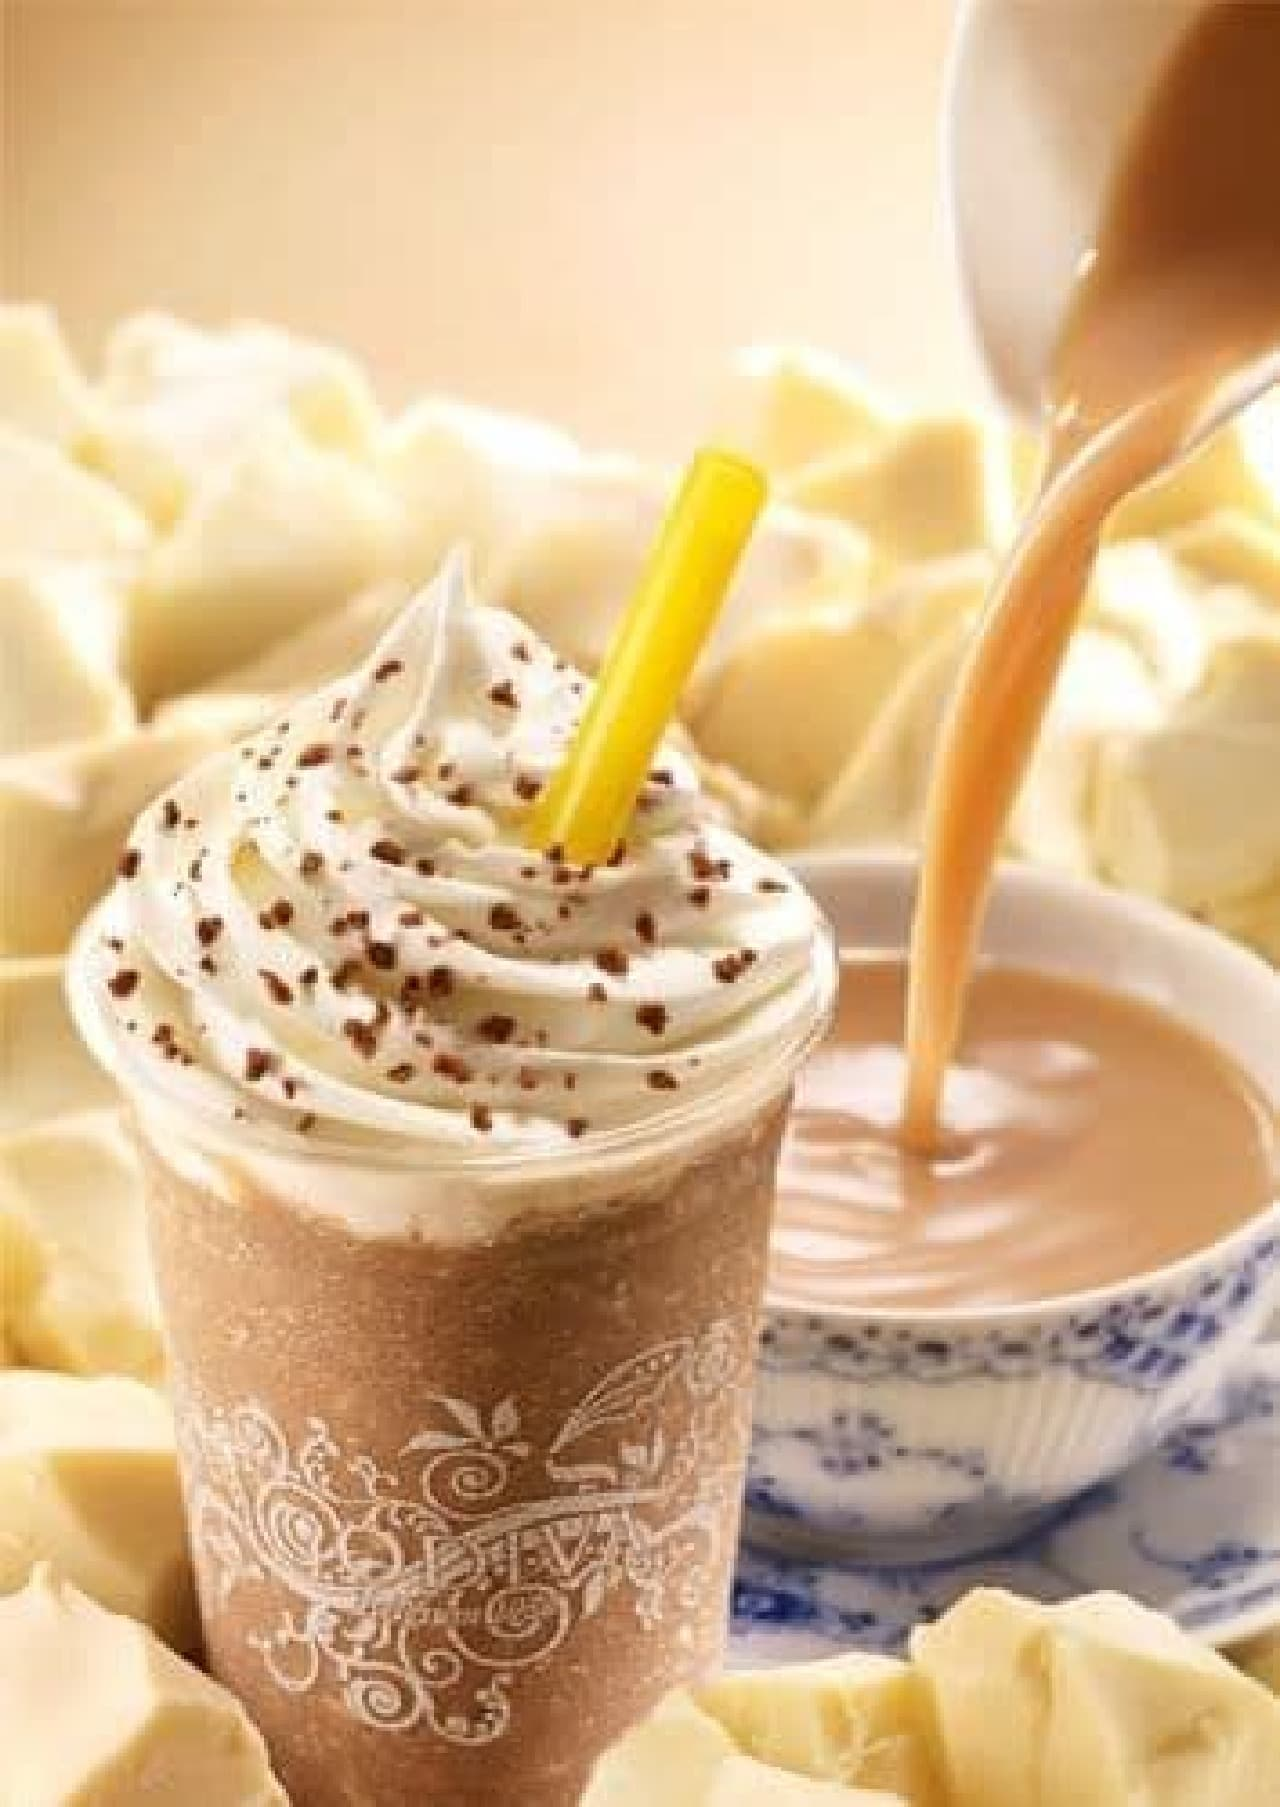 「ショコリキサー ホワイトチョコレート ロイヤルミルクティー」